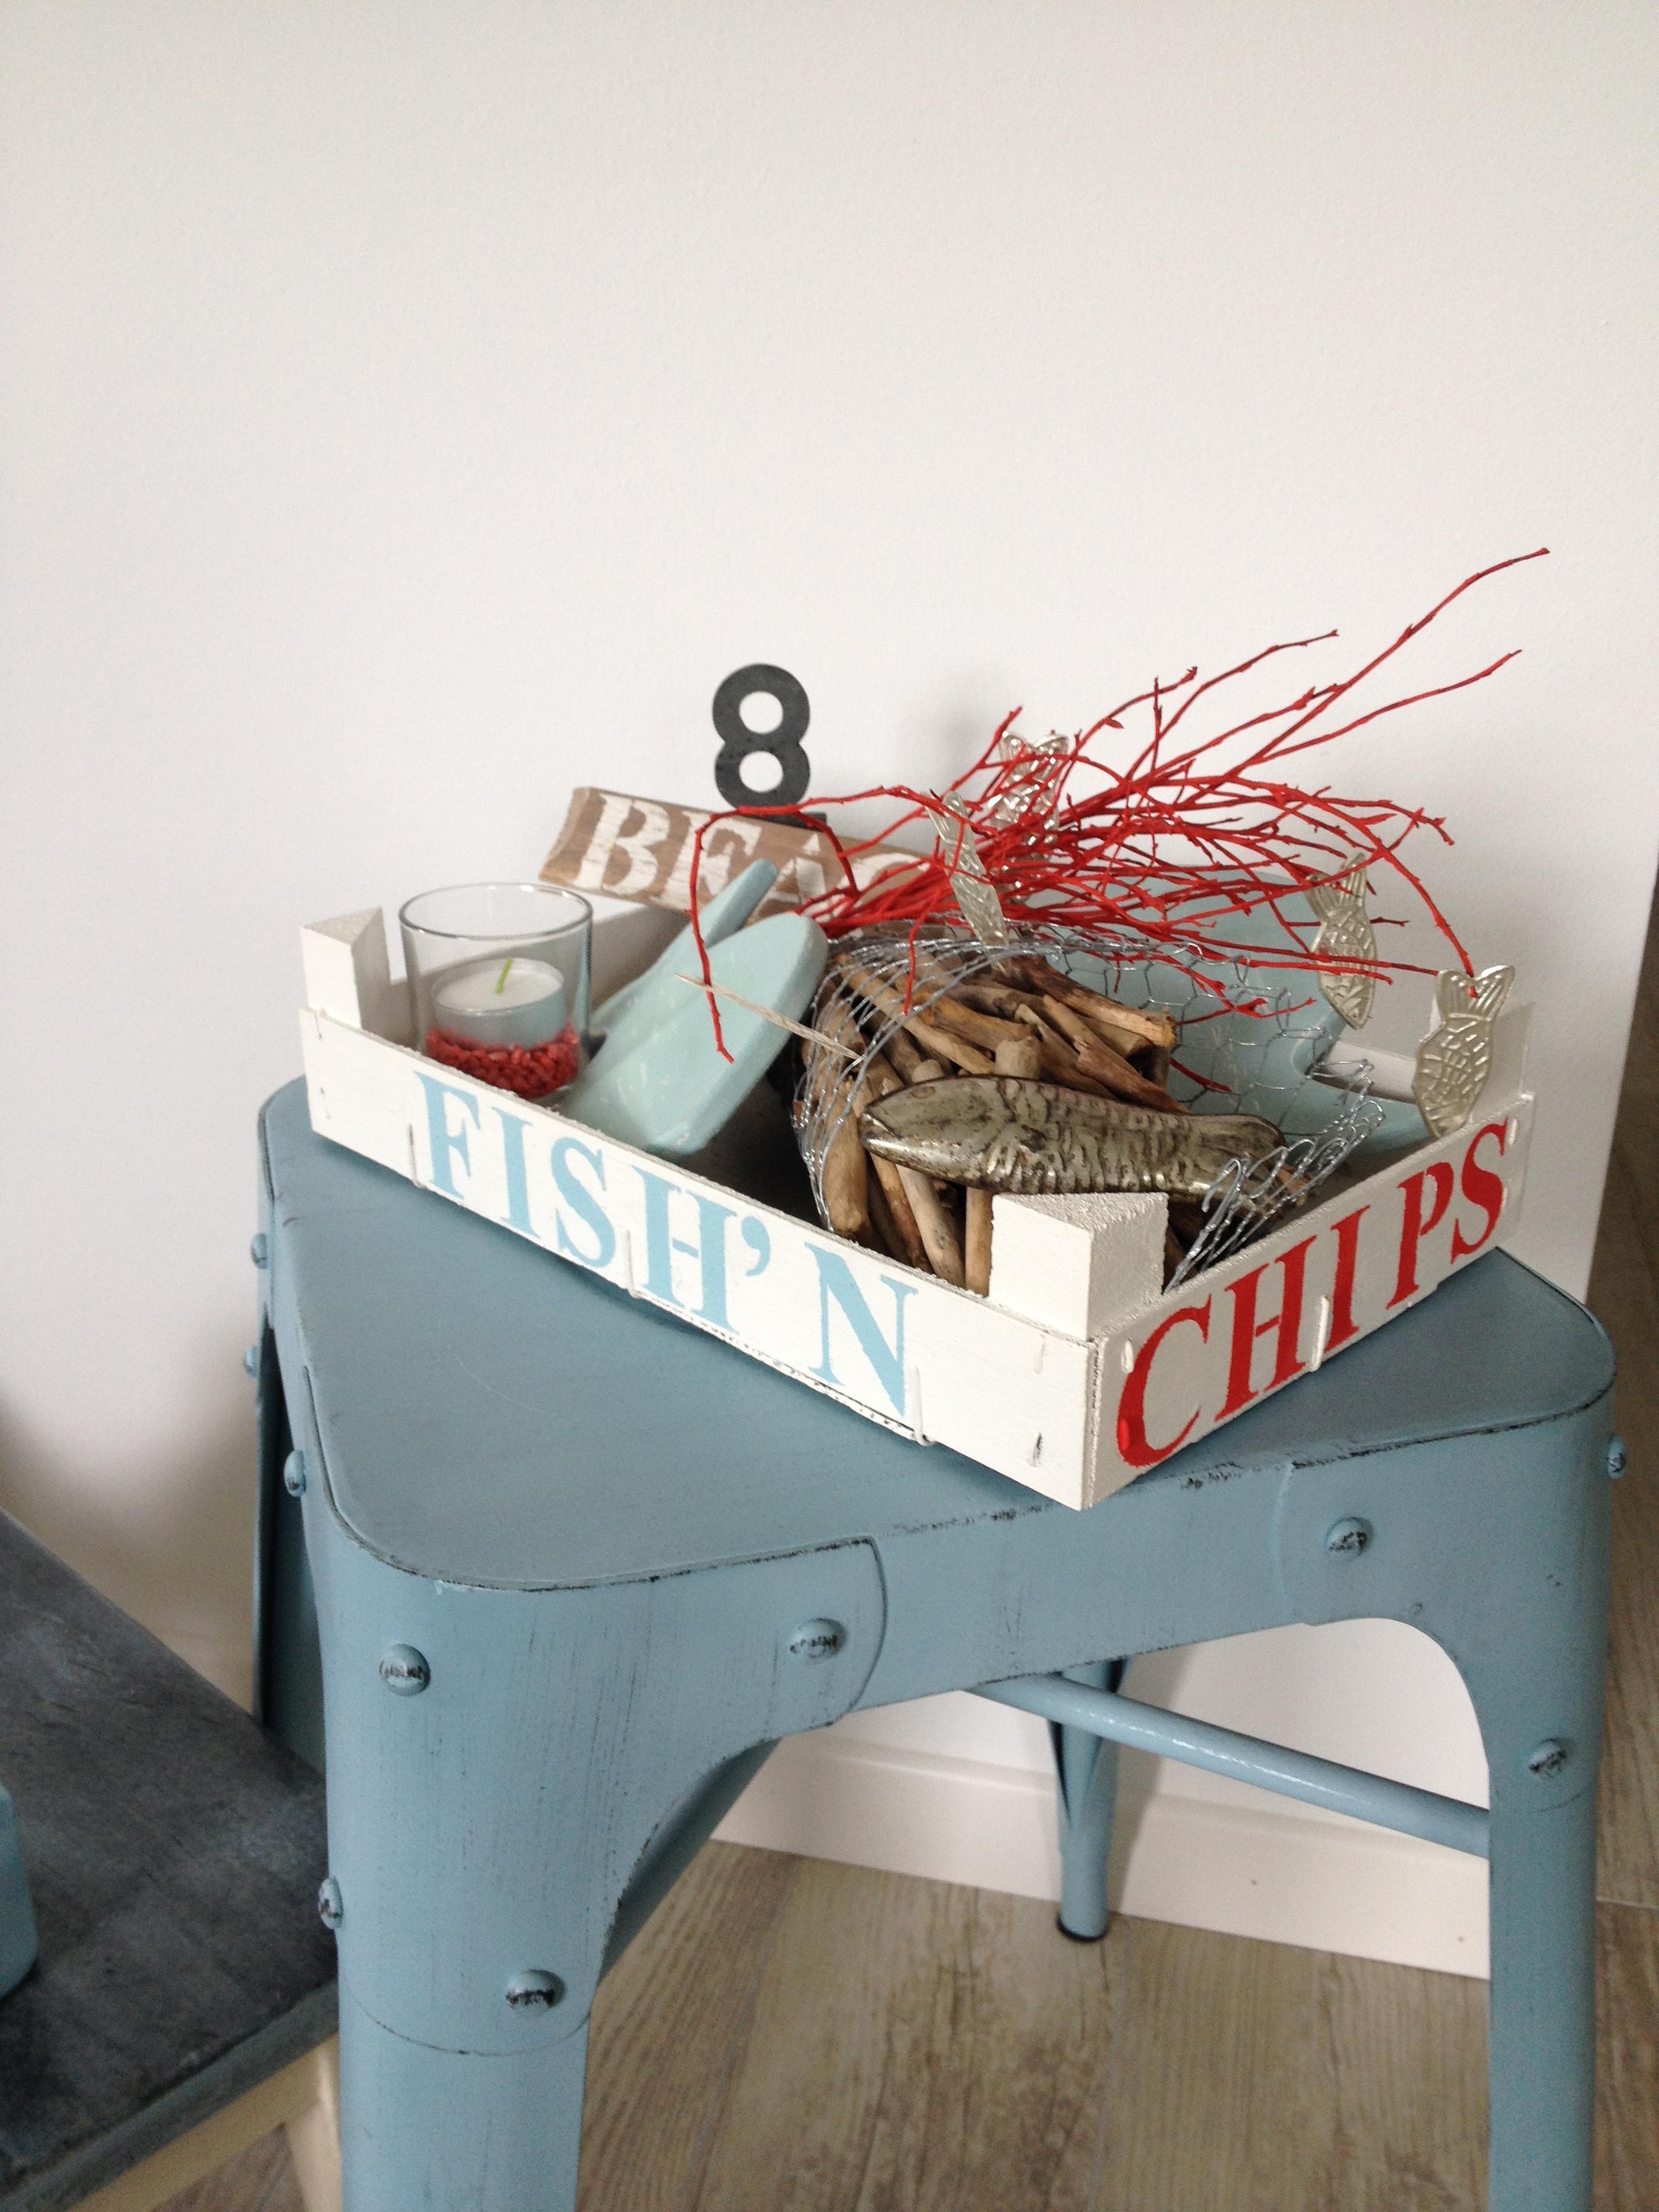 Maritime Deko aus Erdbeerstiege. Upcycling Idee für schöne Sommer Deko. Fish n' chips neu interpretiert. #Chalet8